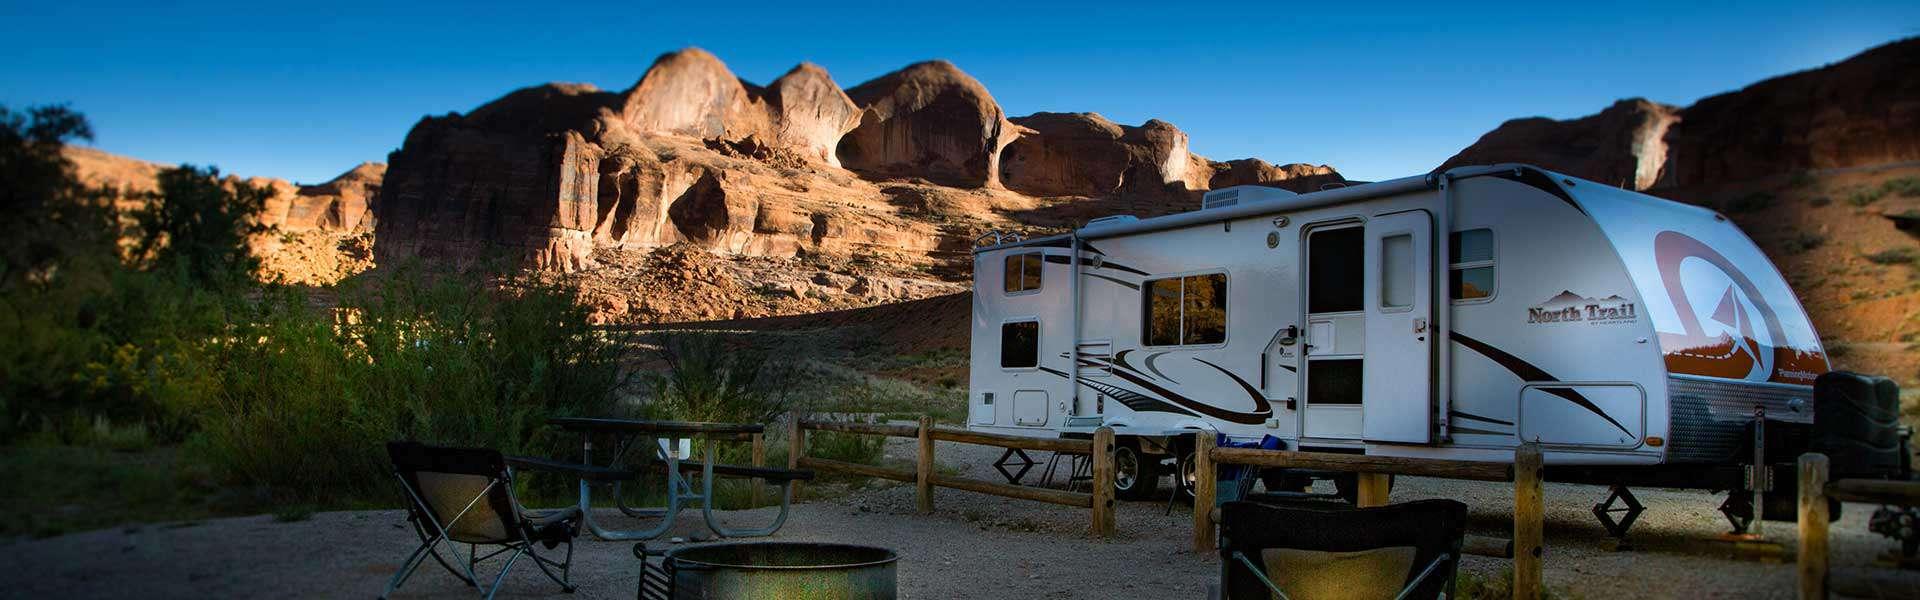 Roulotte de Planning Motion au Gold-bar-Camping-Area- Moab-UT_ près de Corona Arch